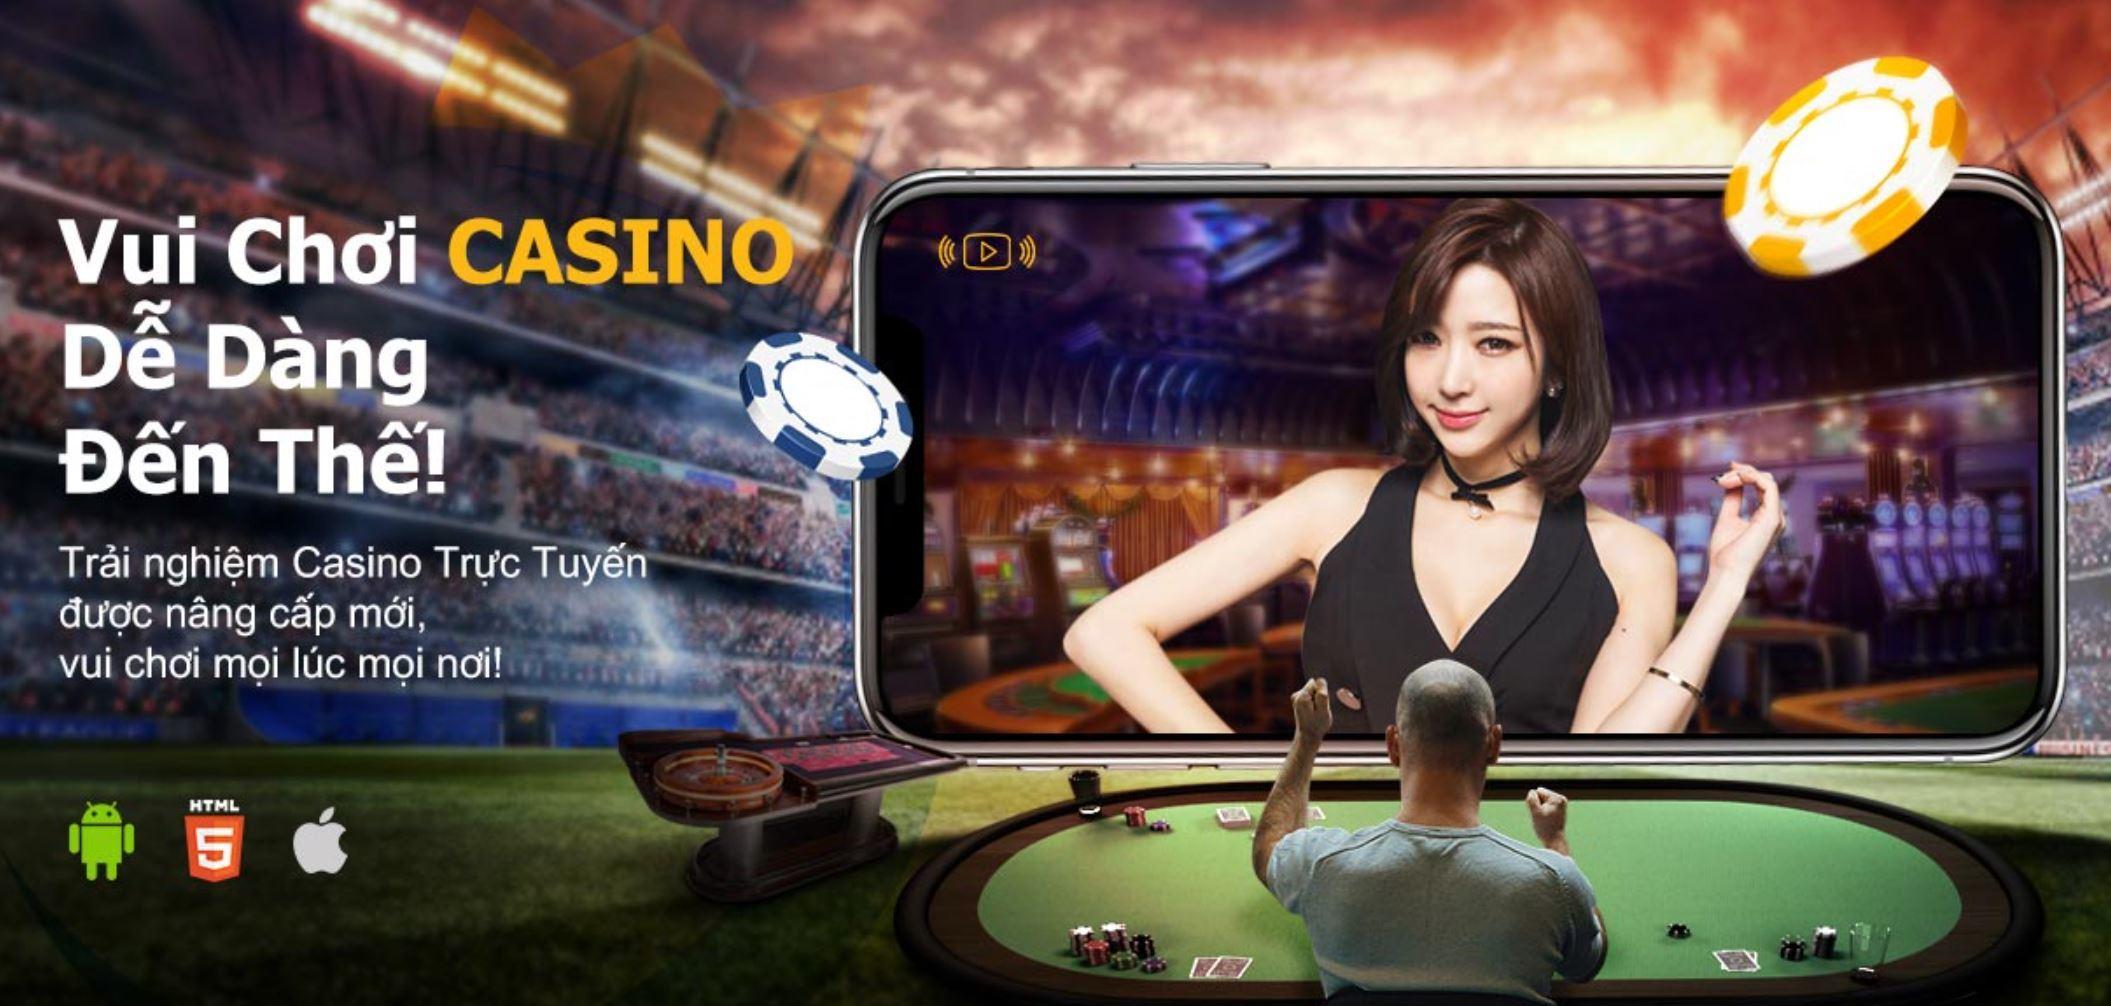 Cầu thủ Lê Công Vinh xuất hiện trong quảng cáo cho ứng dụng cá cược trái phép